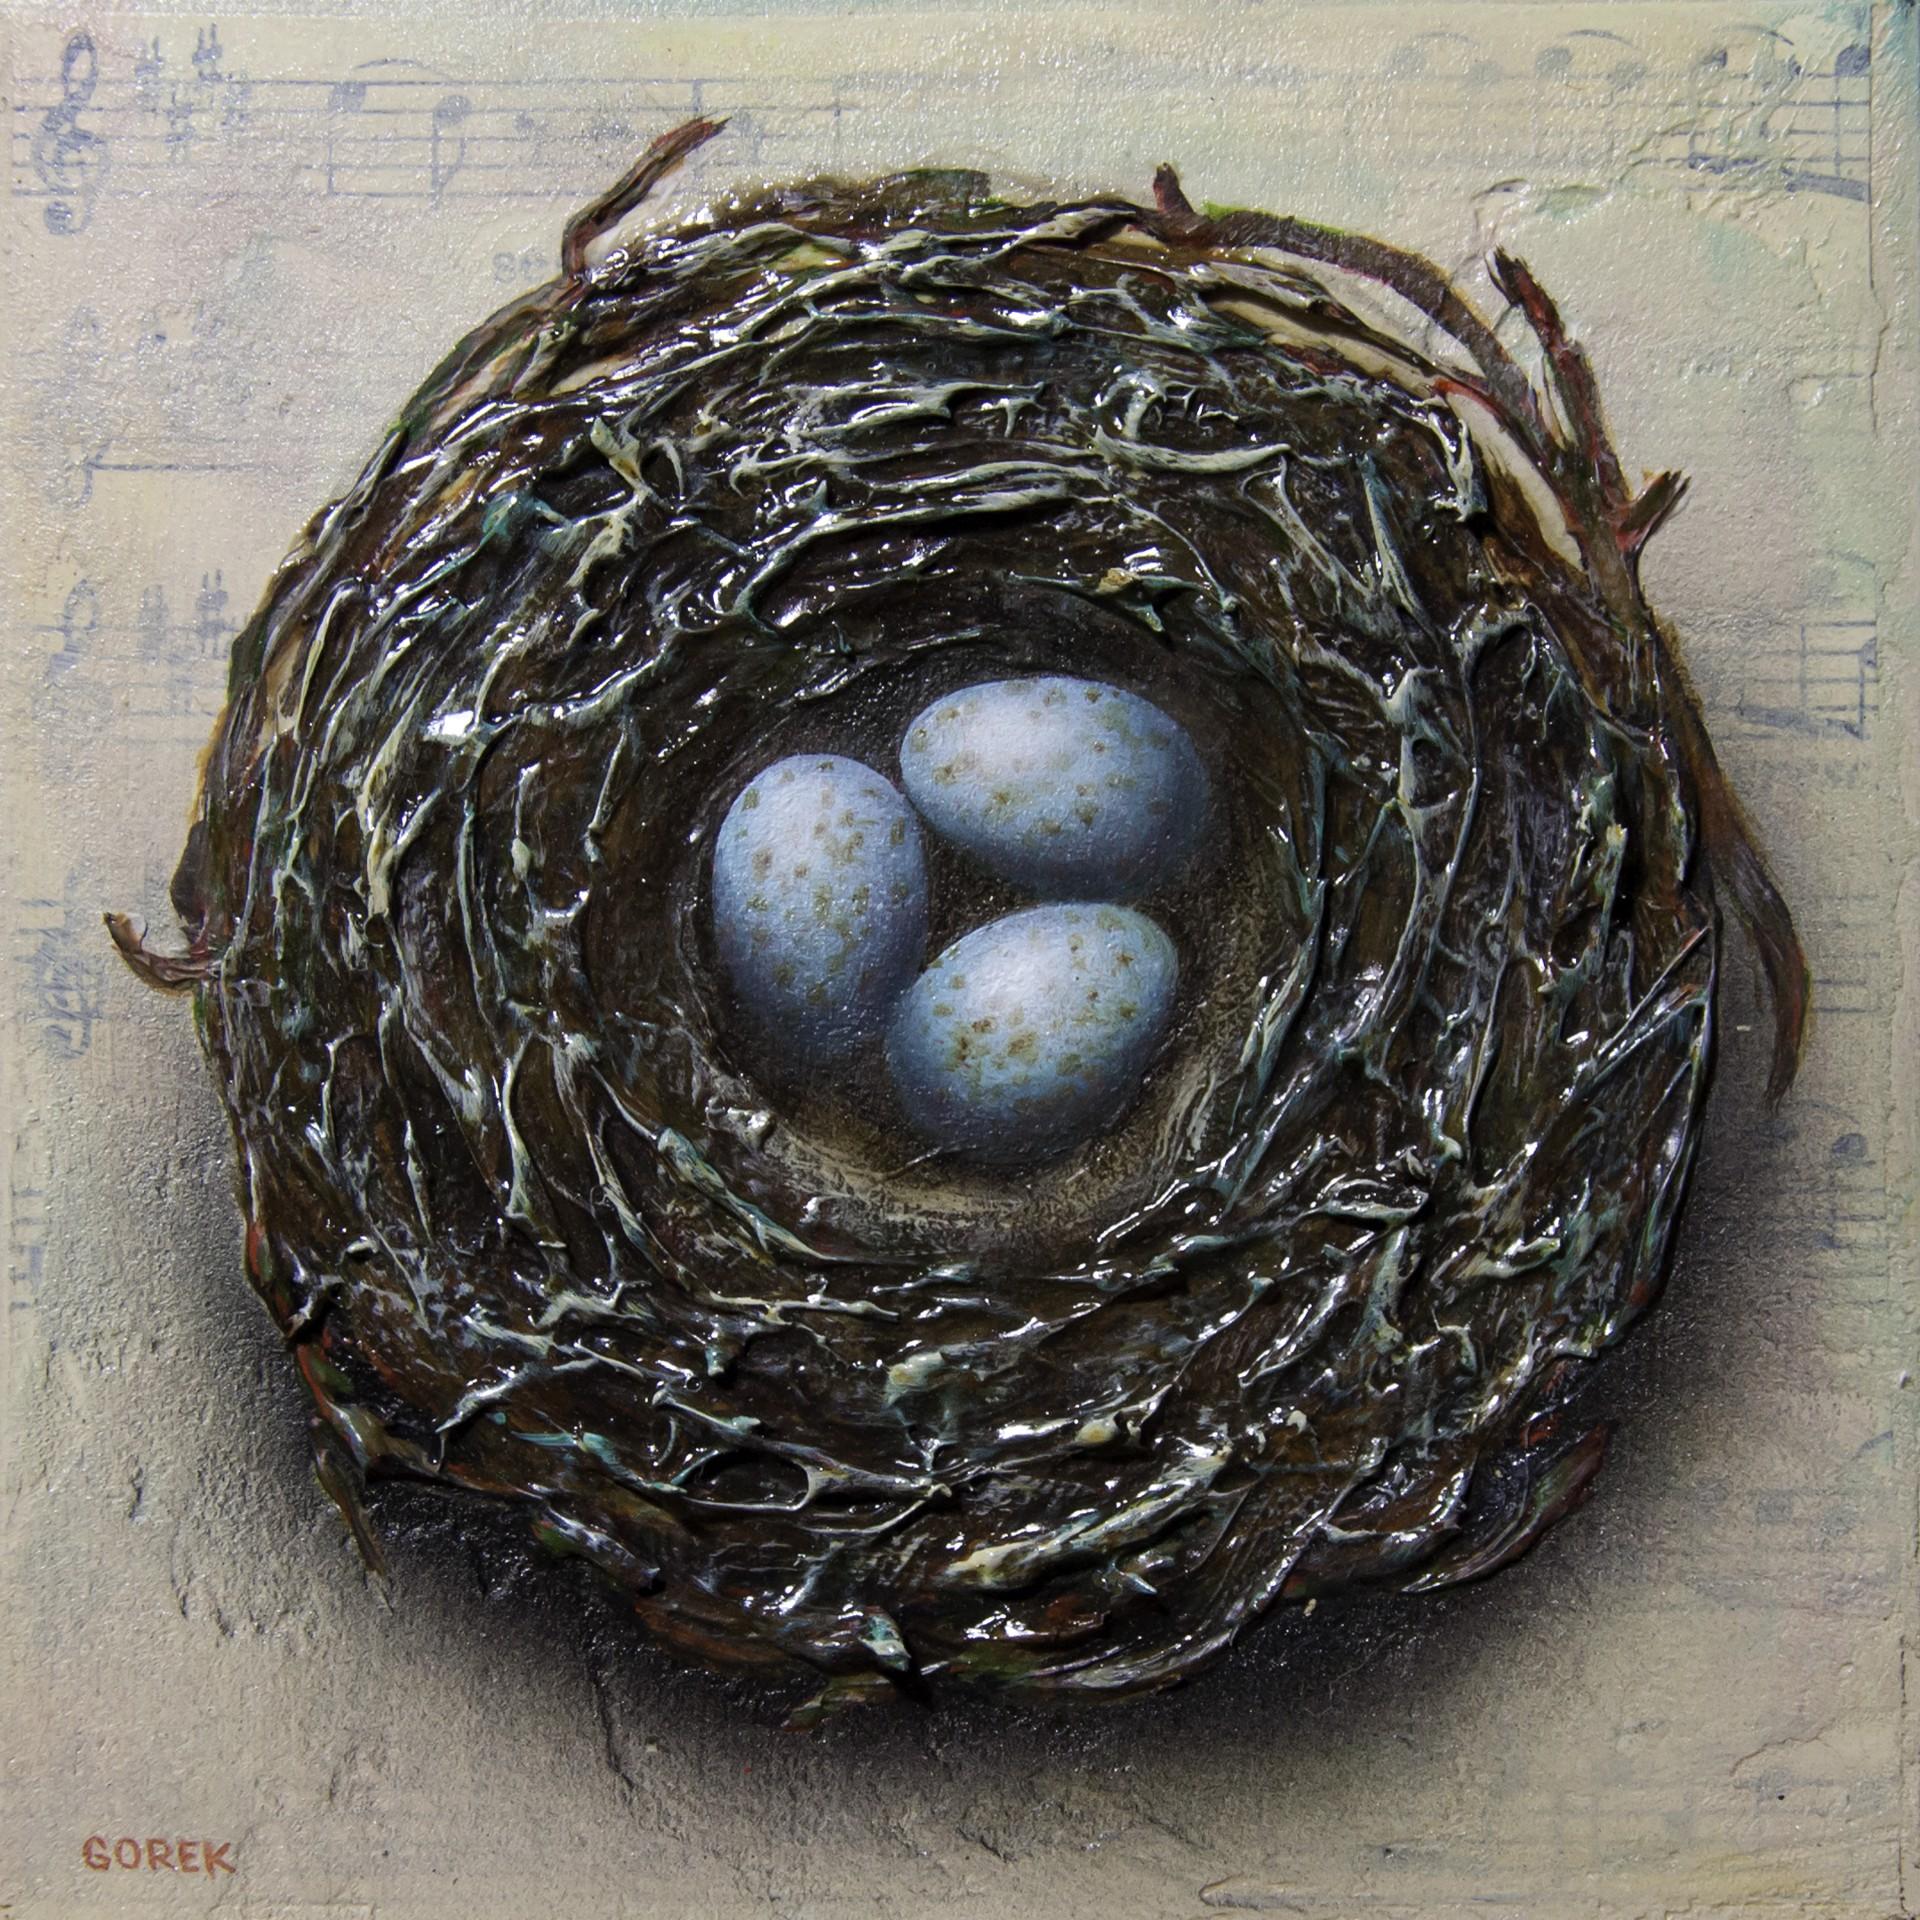 Birds Nest 3 by Thane Gorek